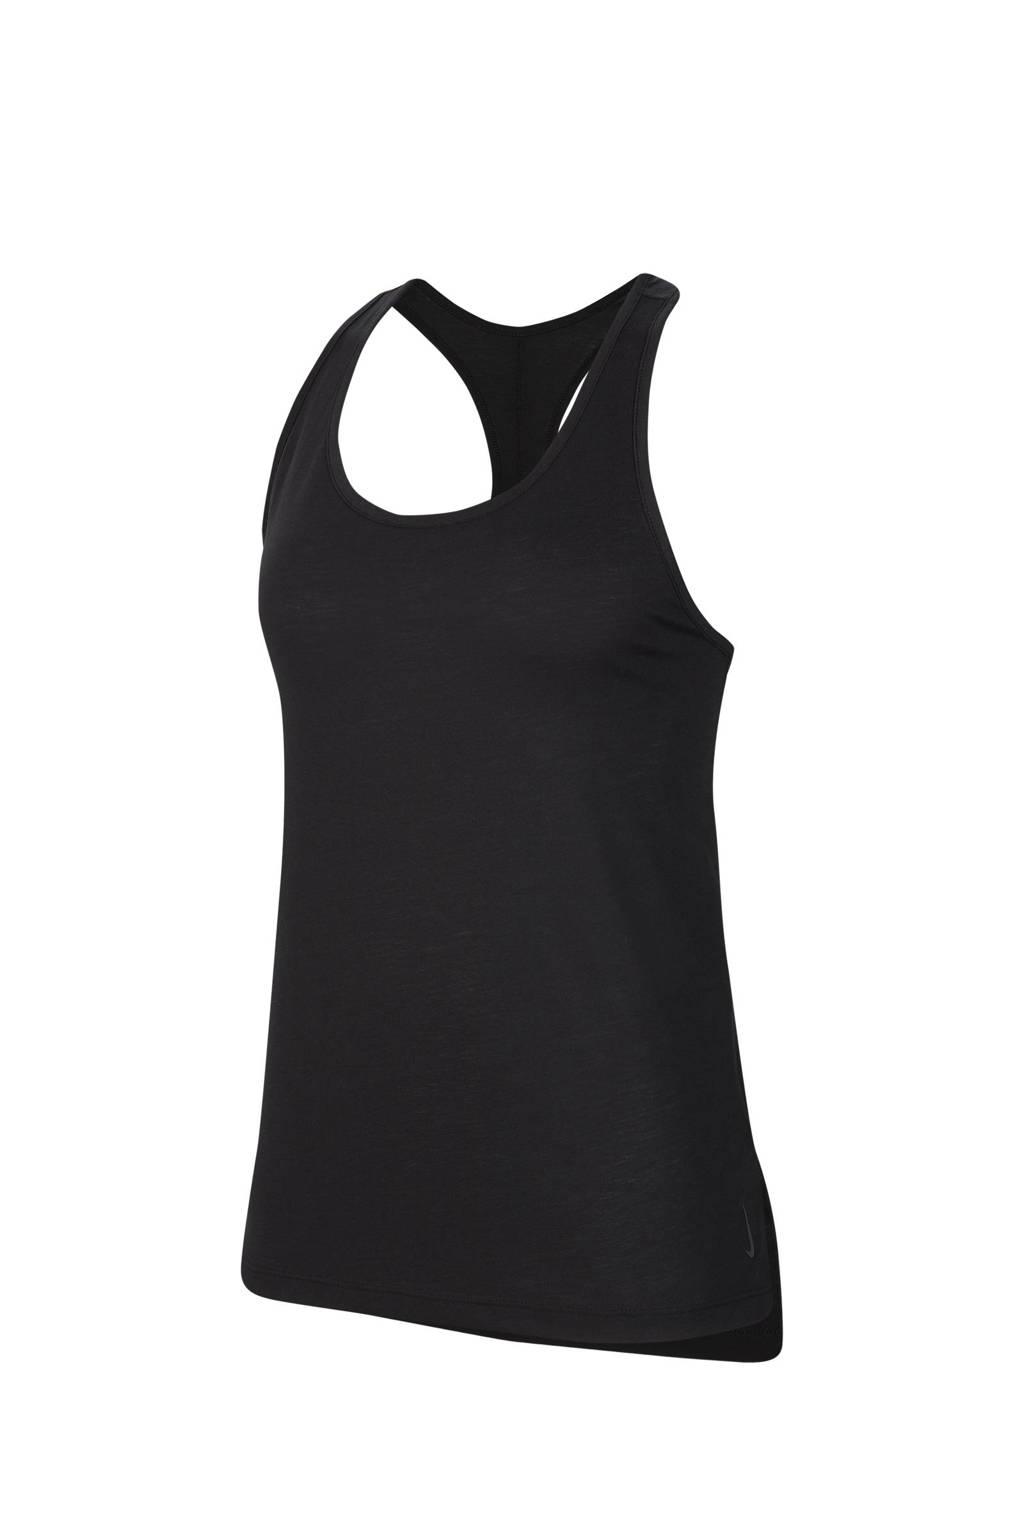 Nike sporttop zwart, Zwart